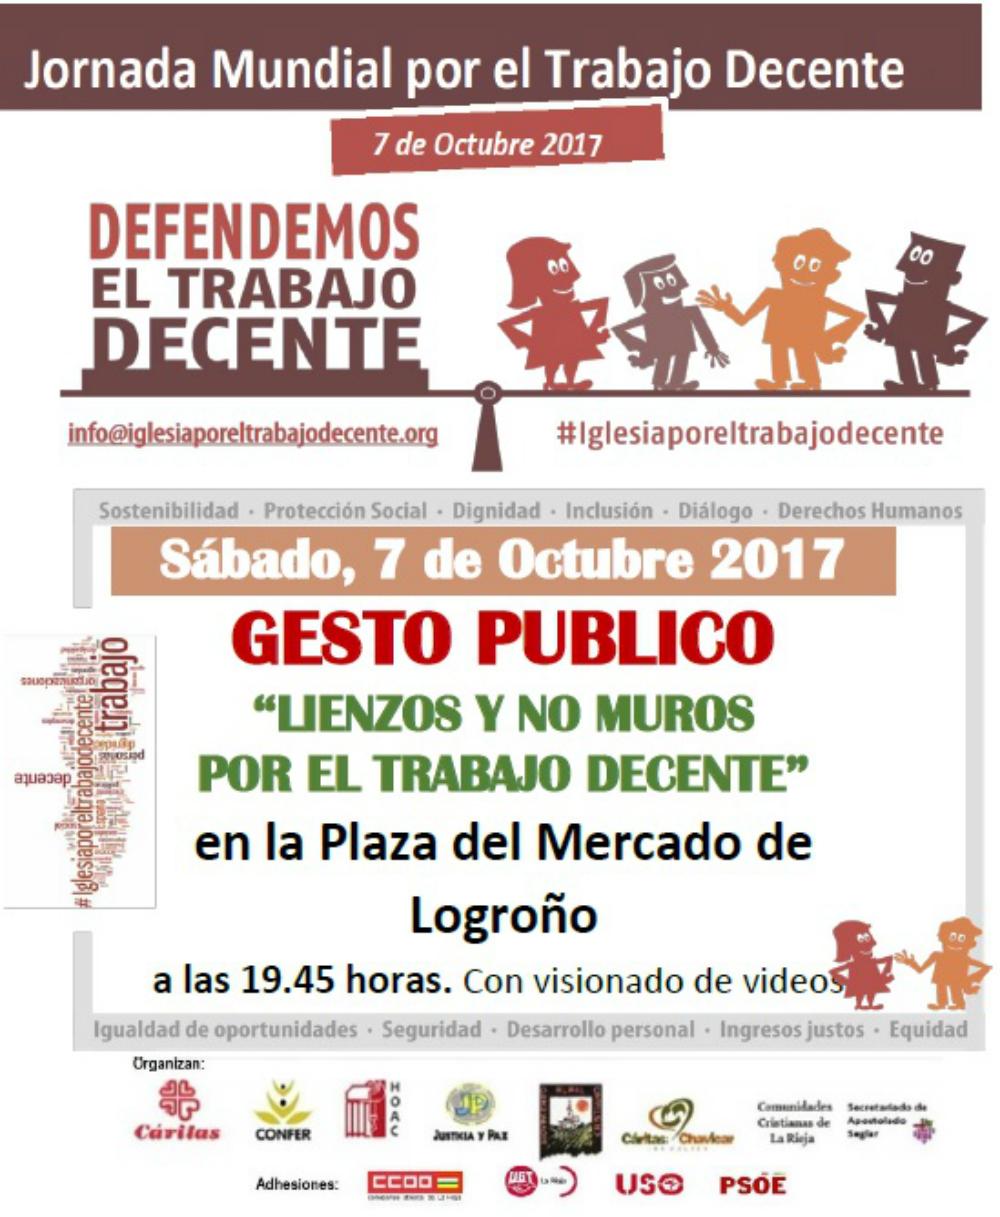 7 de Octubre Gesto Publico